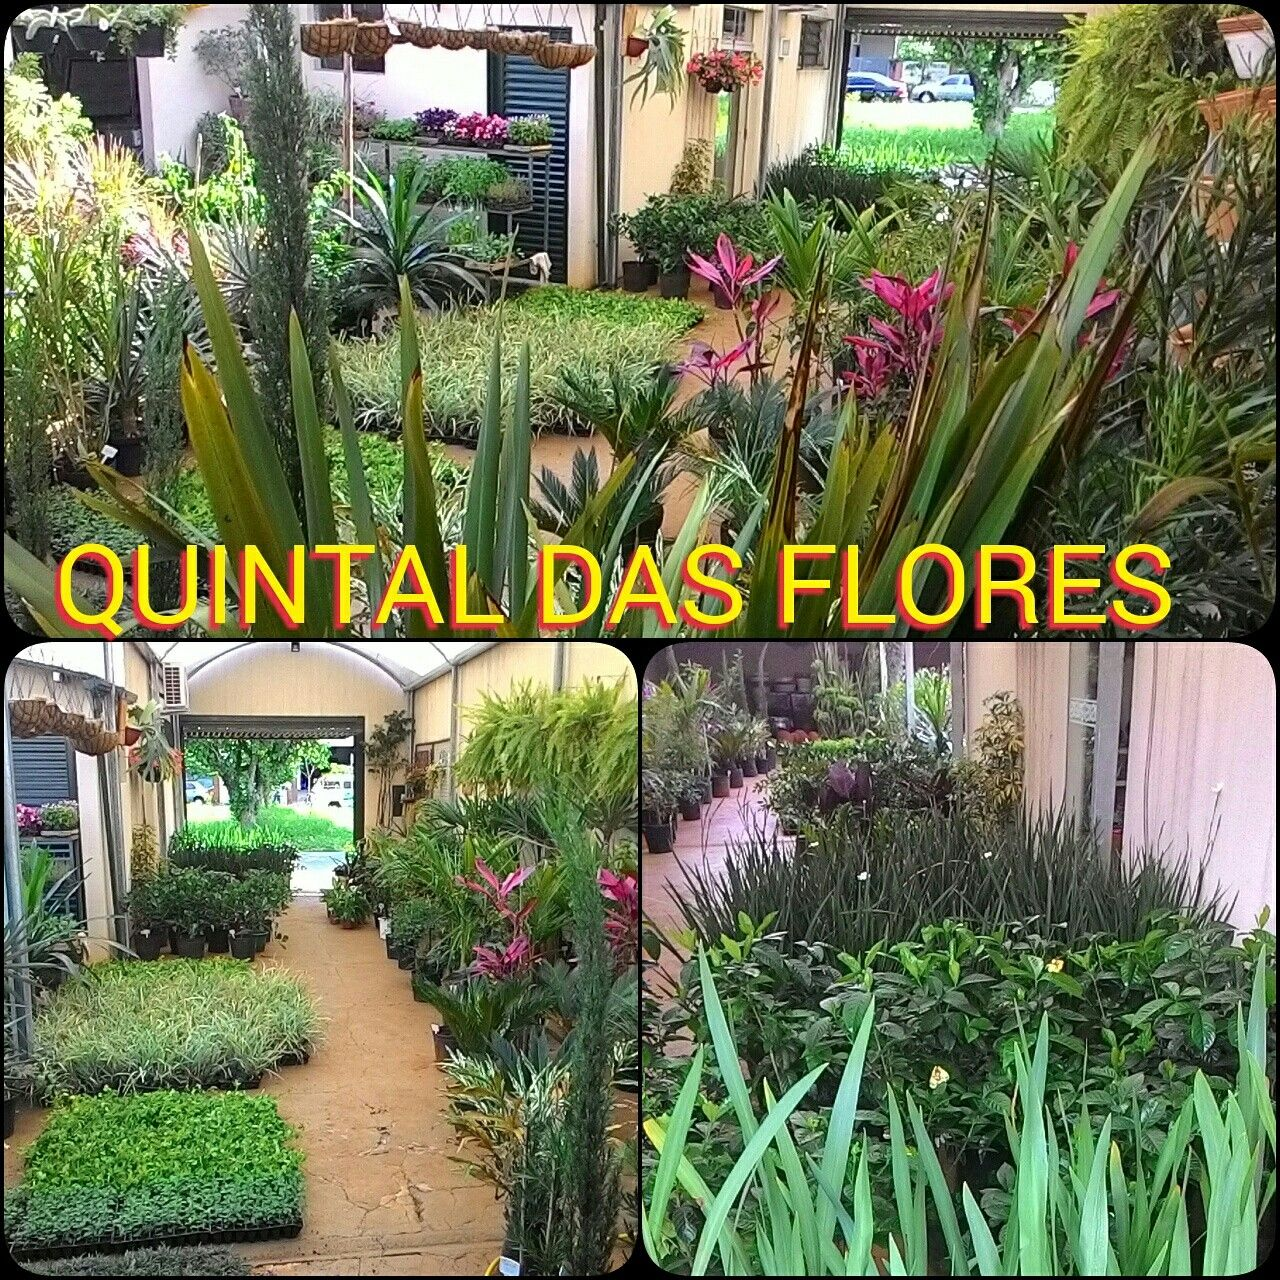 QUINTAL DAS FLORES PAINGUAS 949 CENTRO 3561-6526